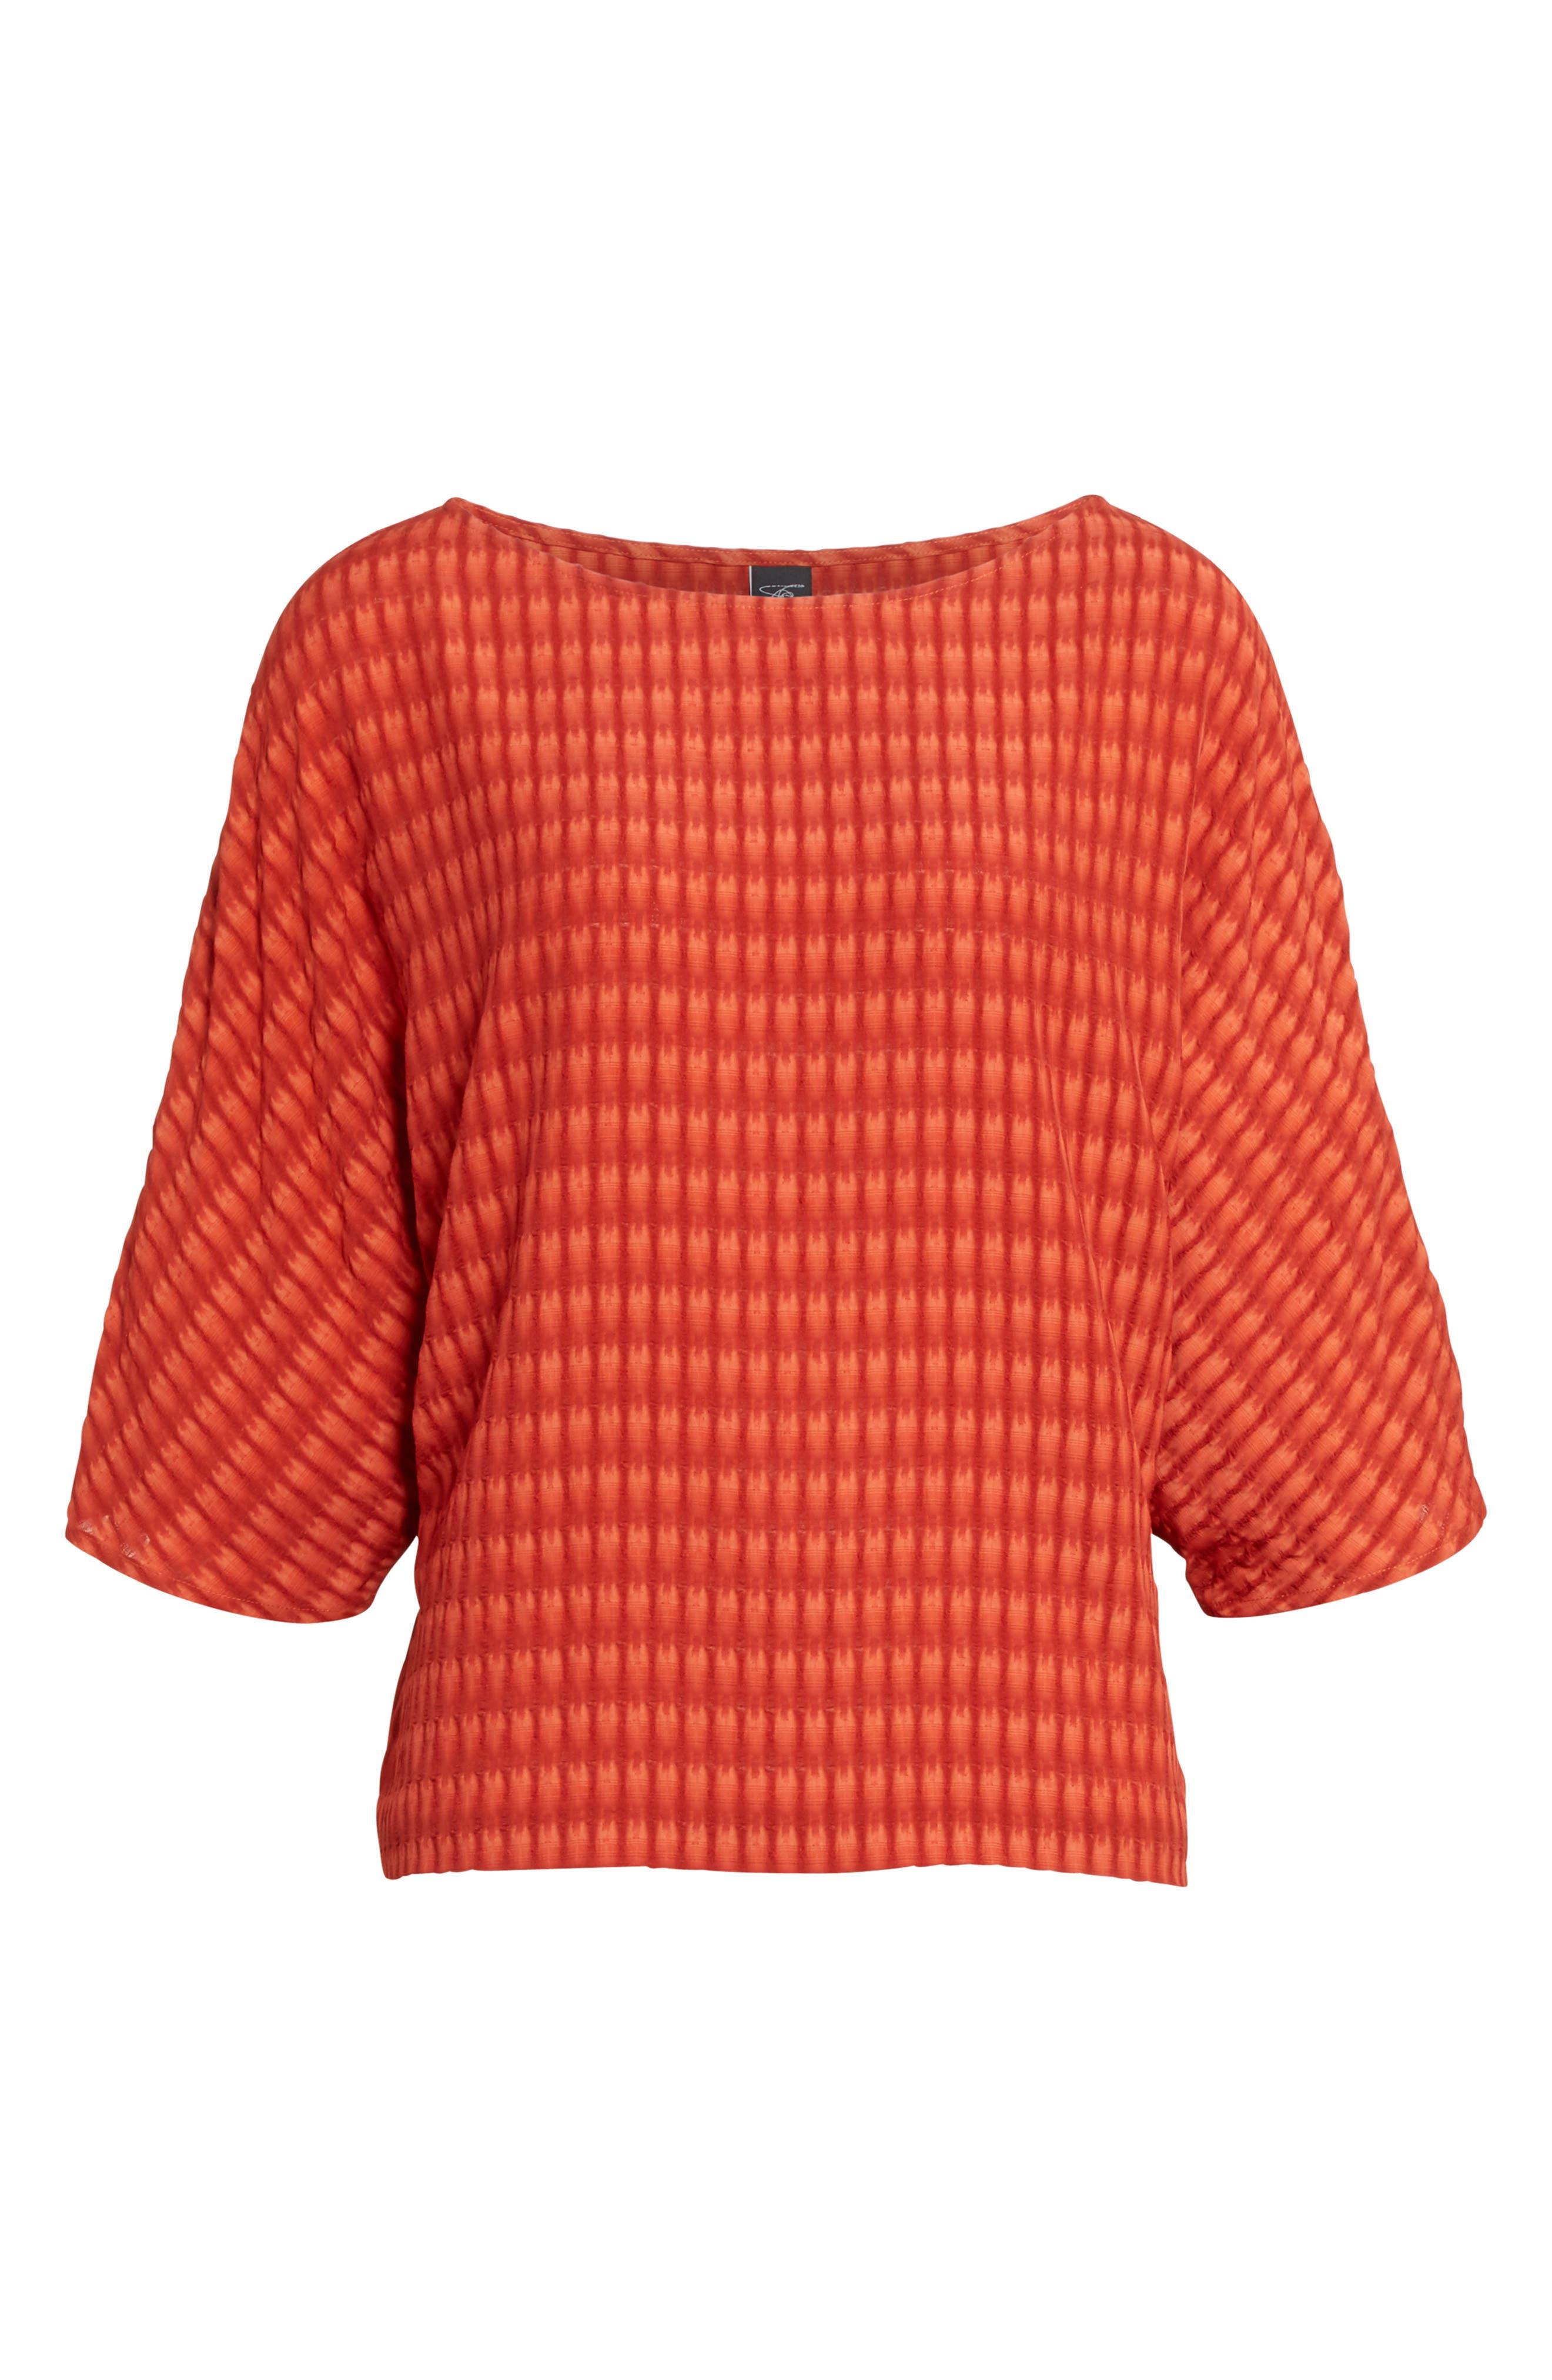 Vero Batik Plaid Top,                             Alternate thumbnail 4, color,                             Saffron Red